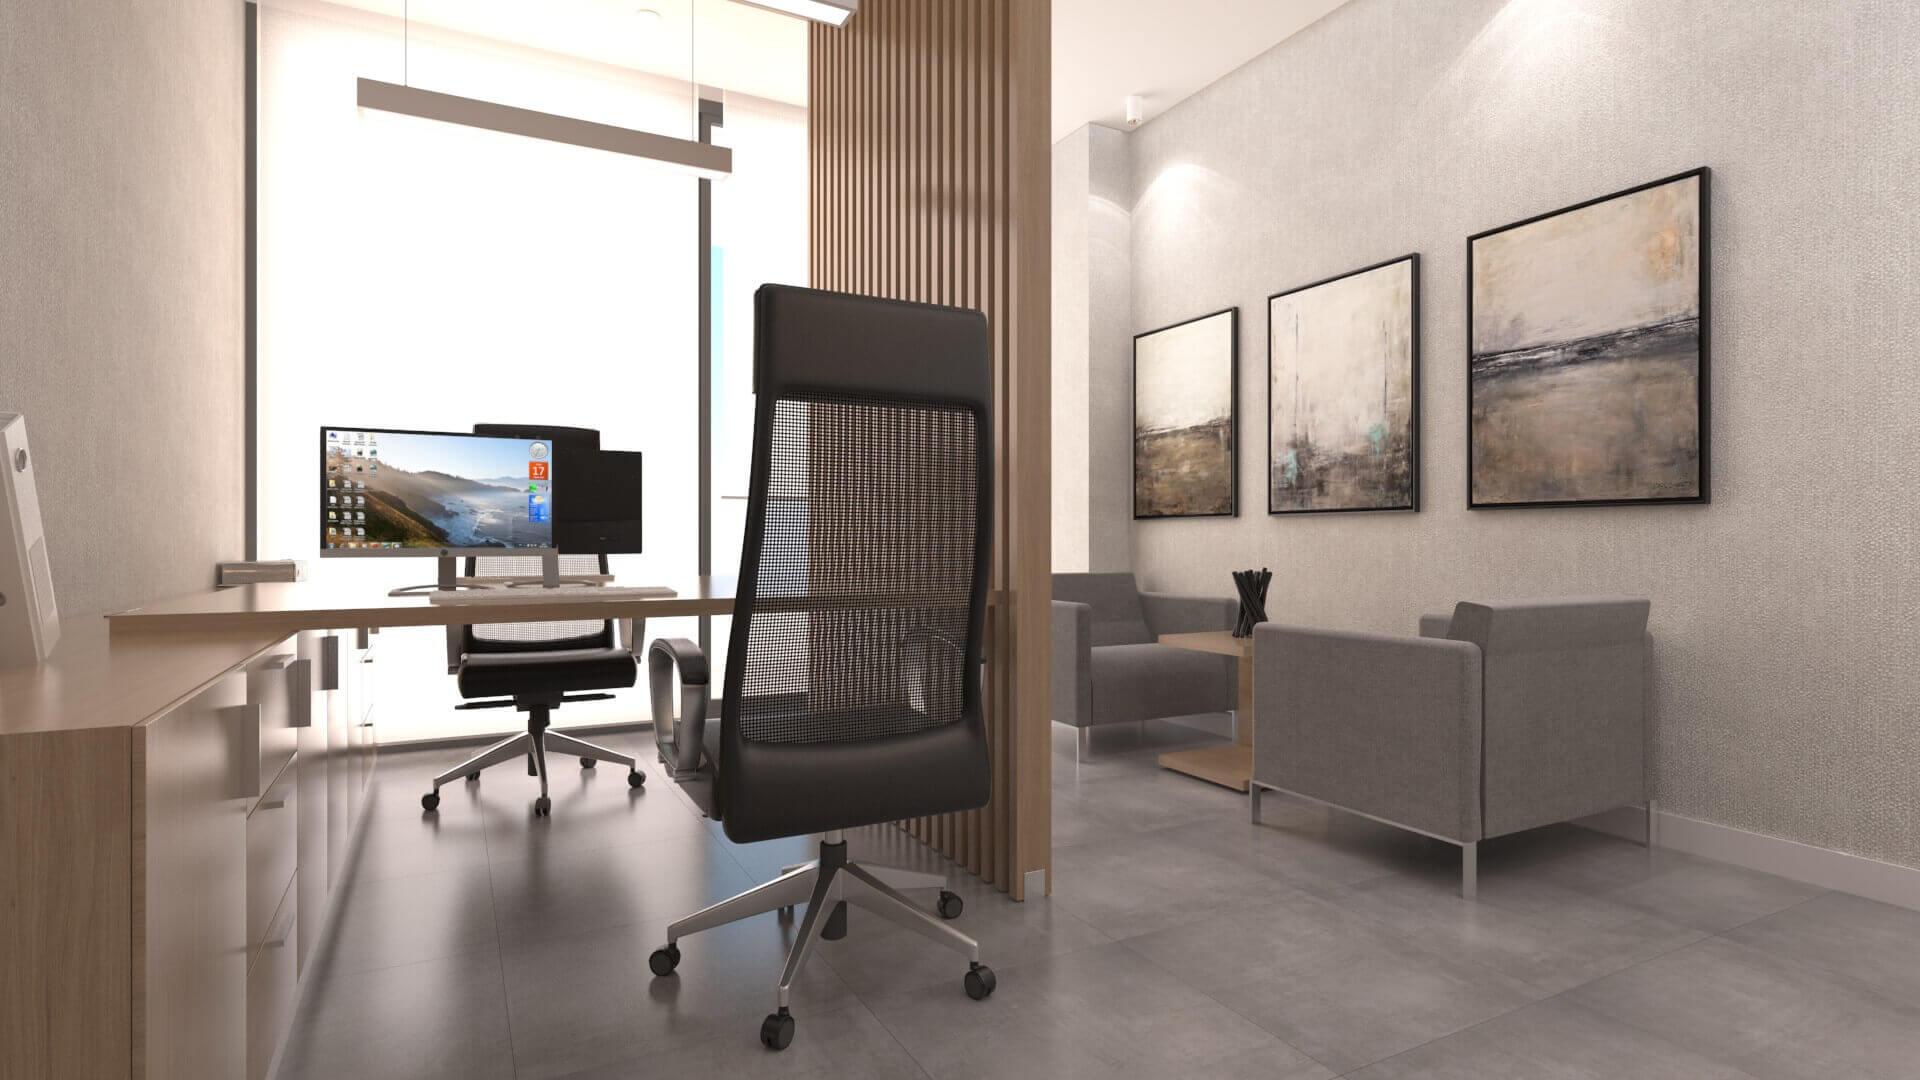 ofis içmimari 2679 RG Ofis Ofisler